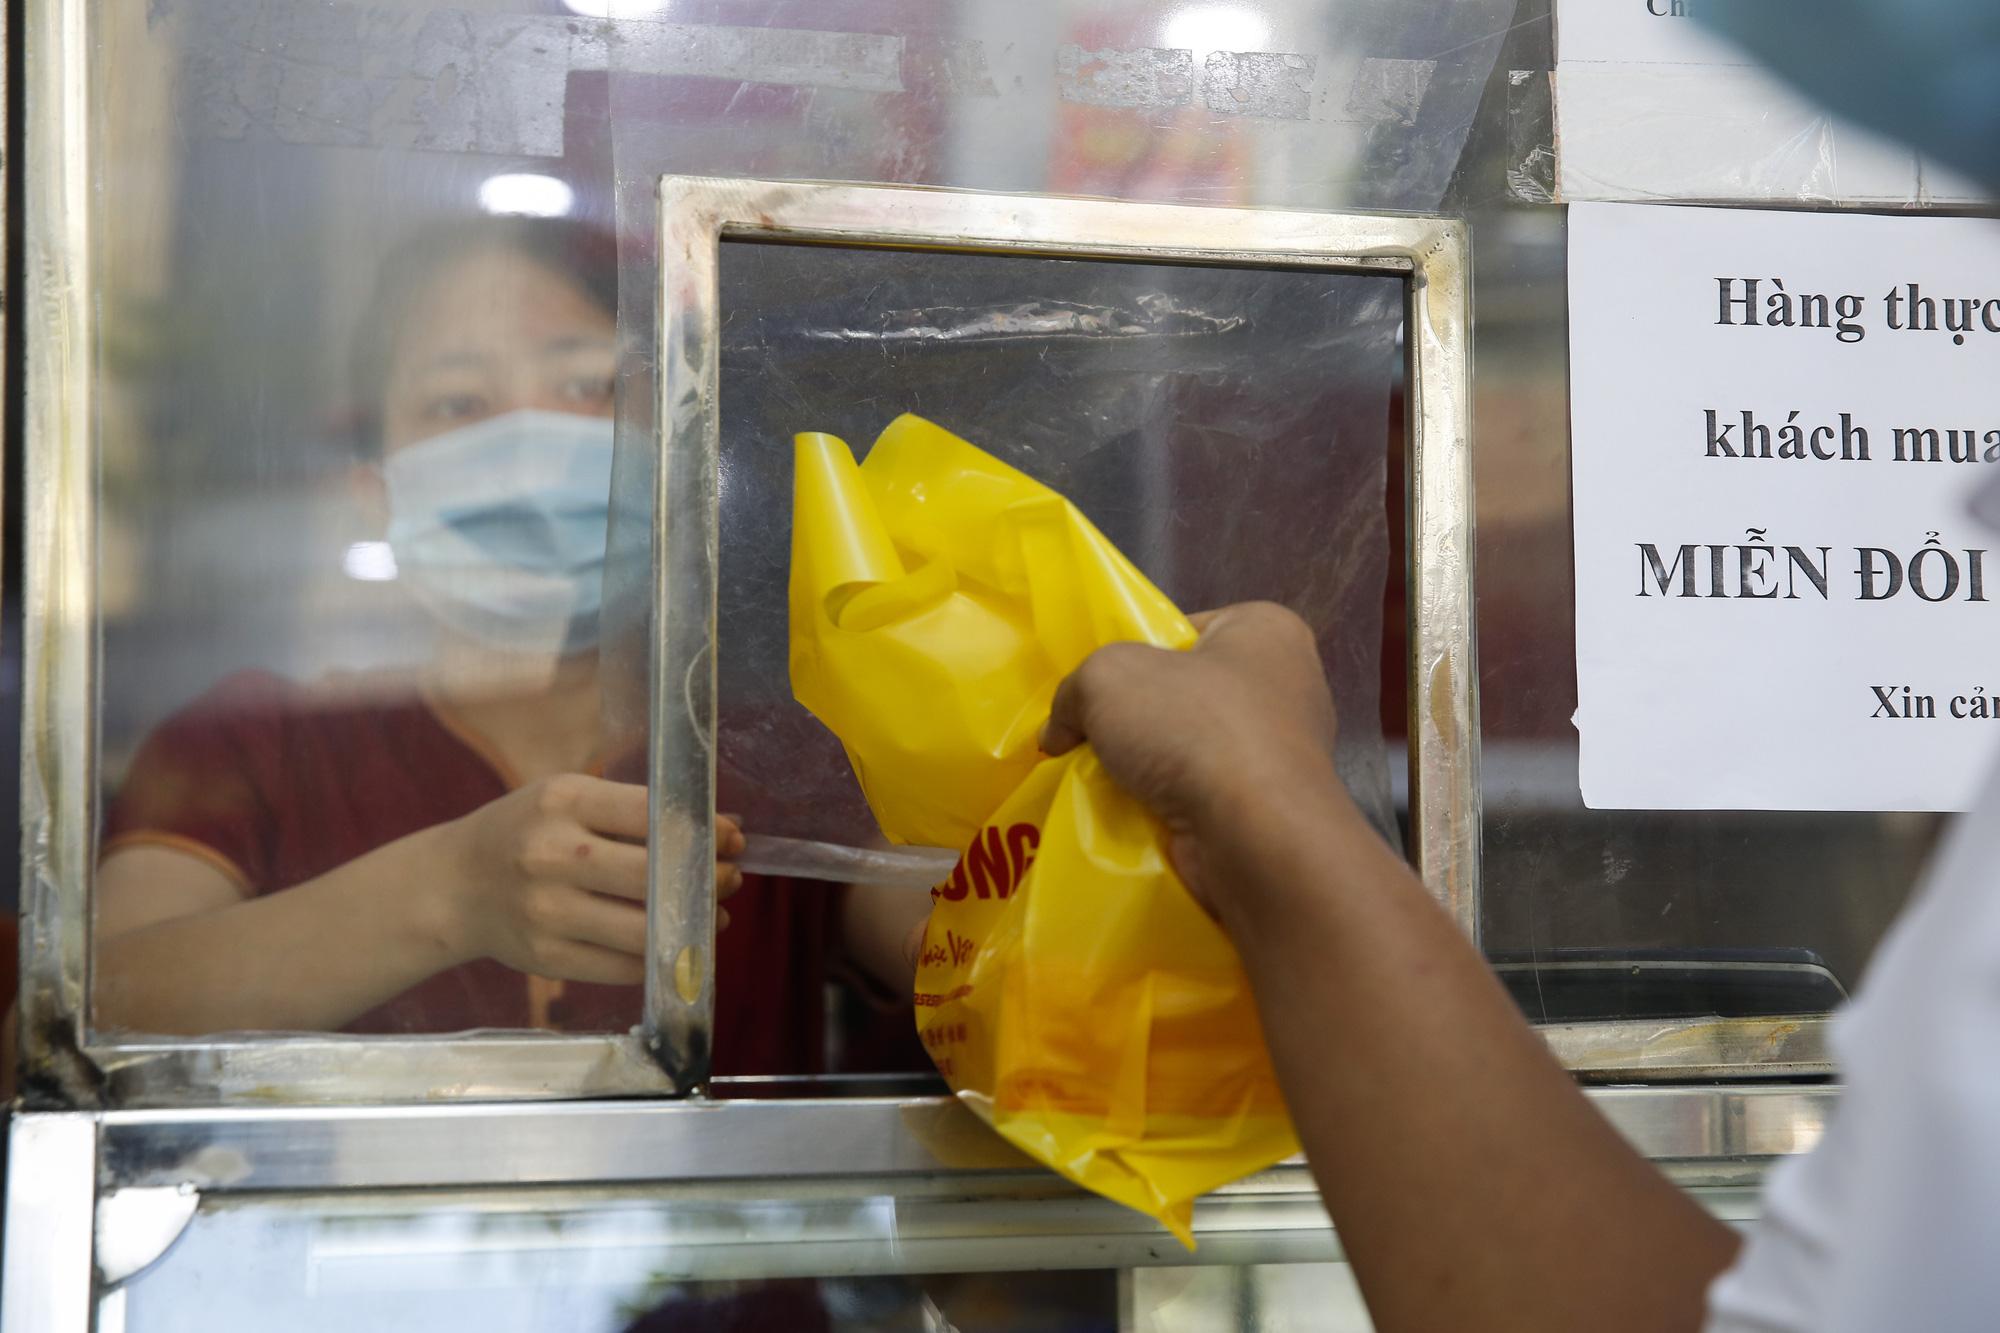 Thị trường bánh trung thu ảm đạm, cơ sở sản xuất loay hoay tìm kênh online - Ảnh 4.